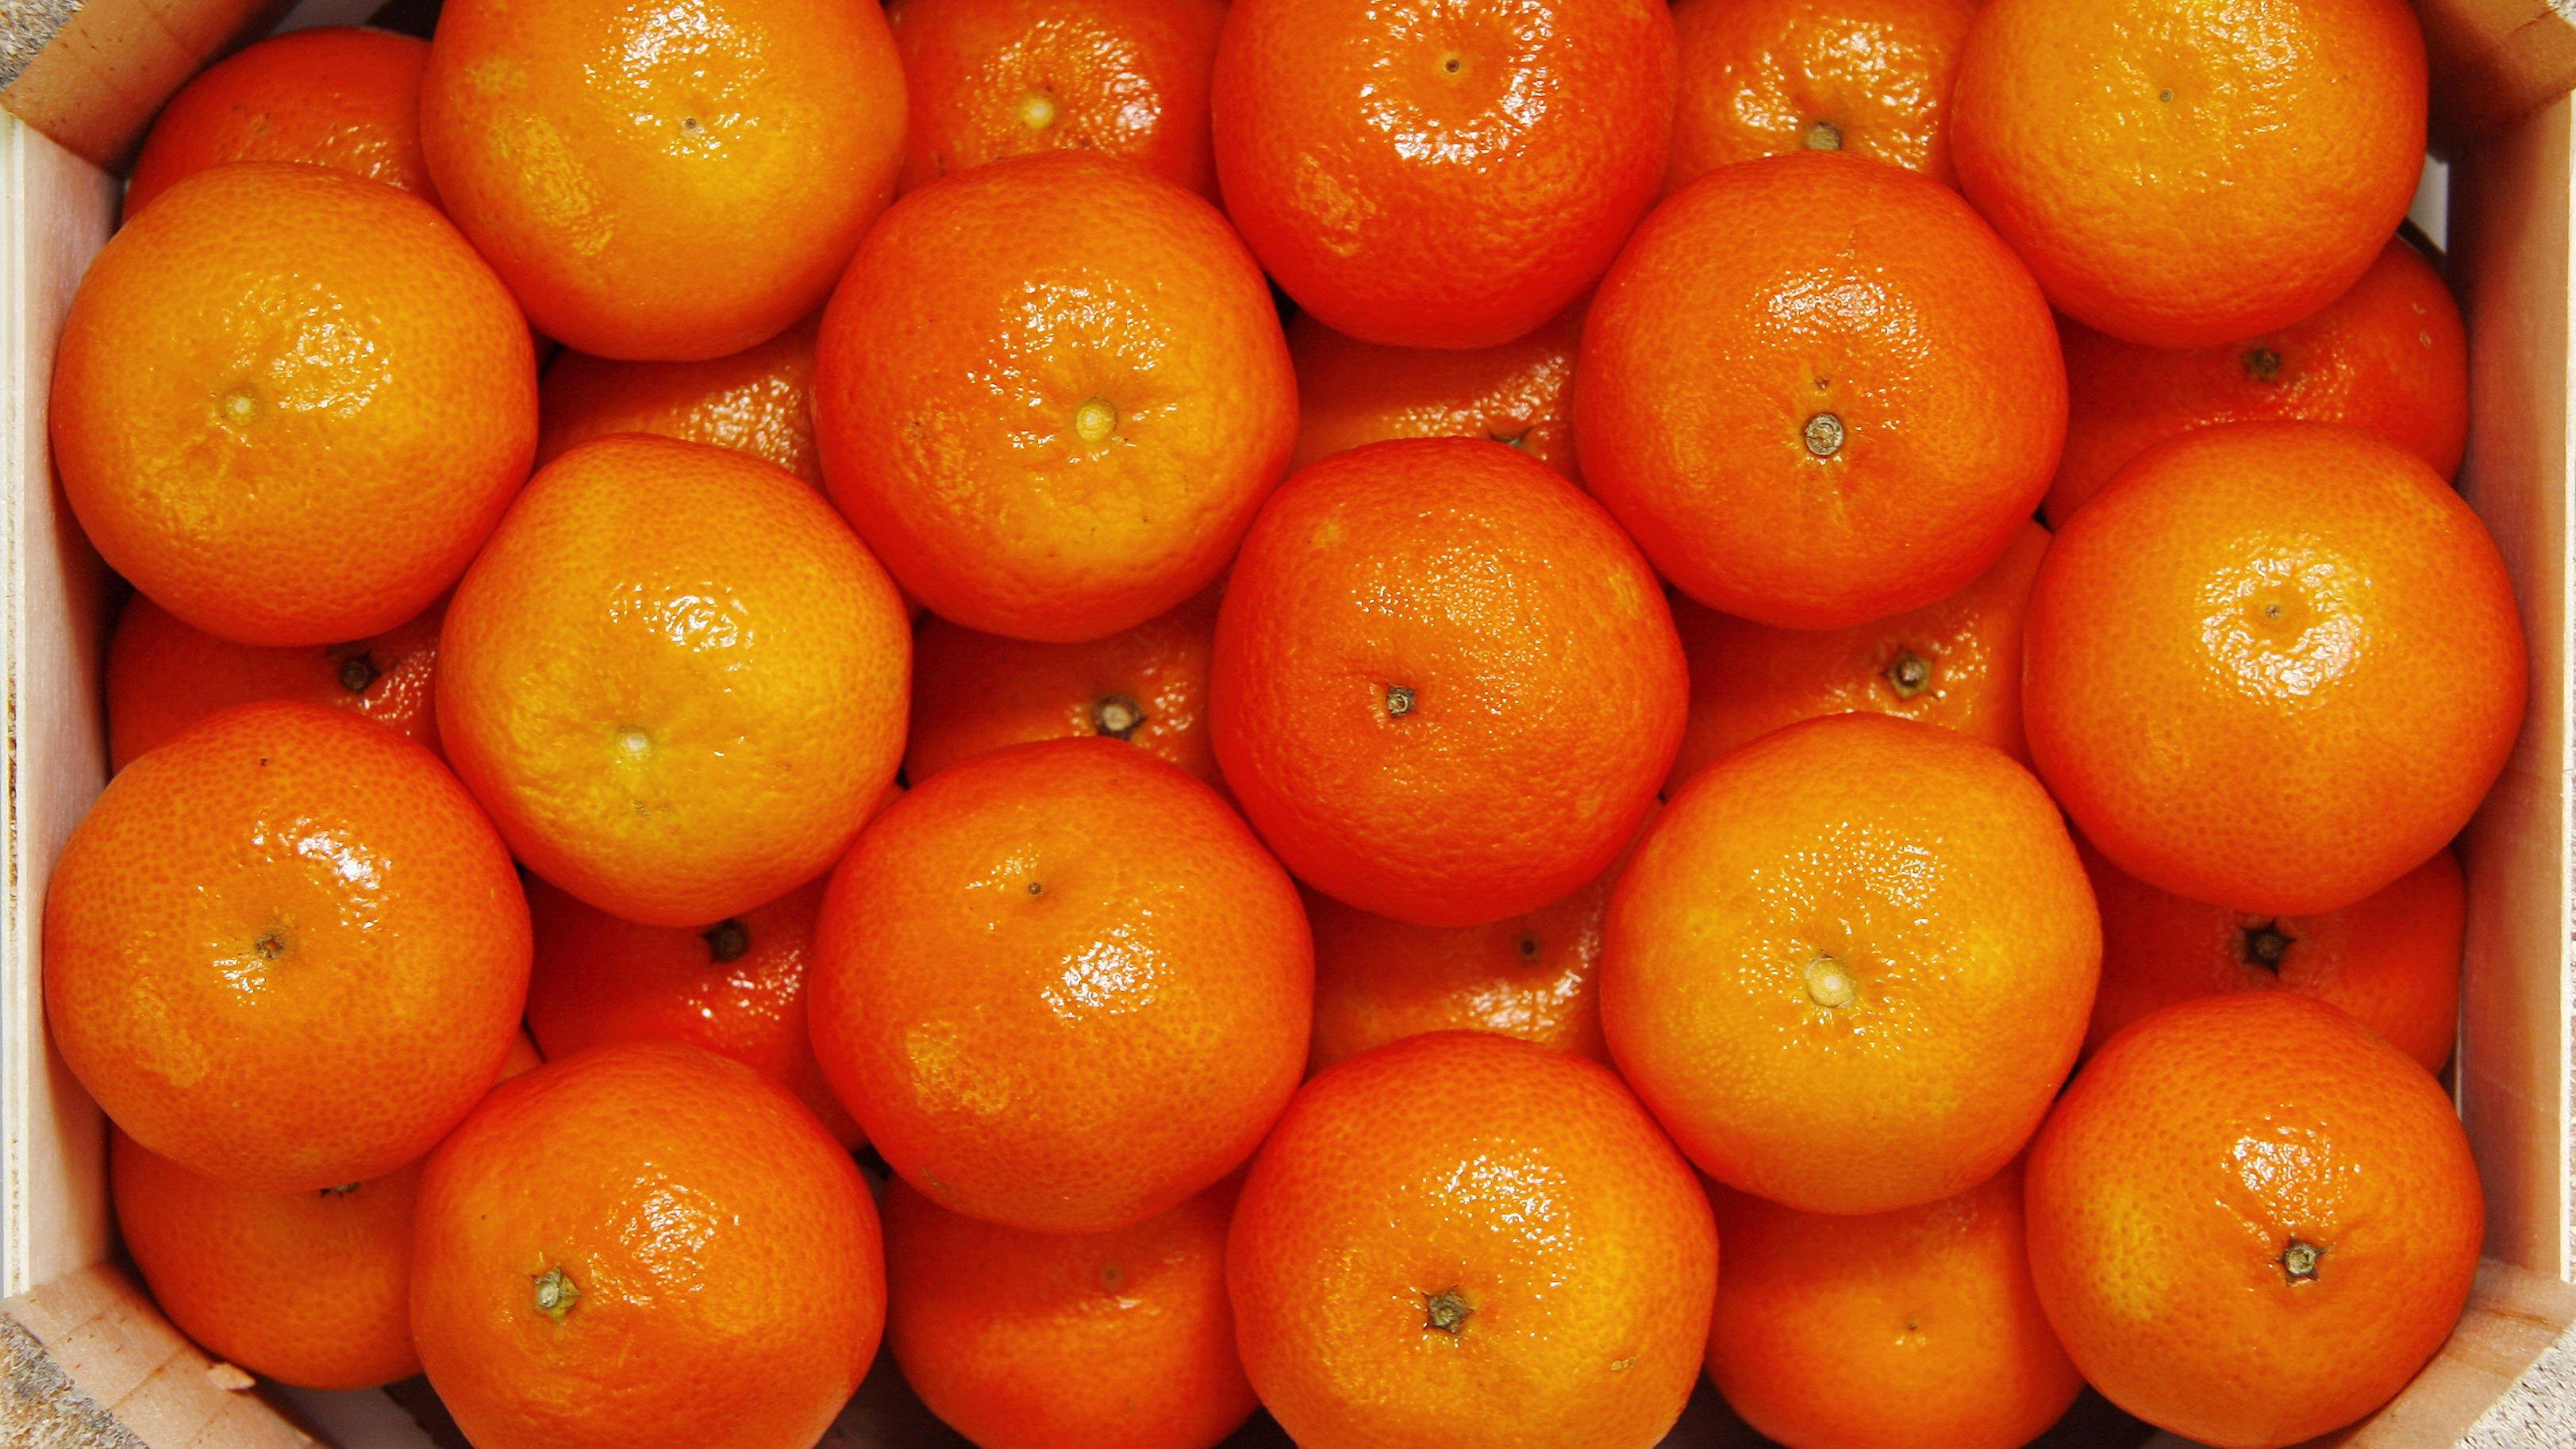 Mandarinen weisen oft Rückstände von Chlorpyrifos auf